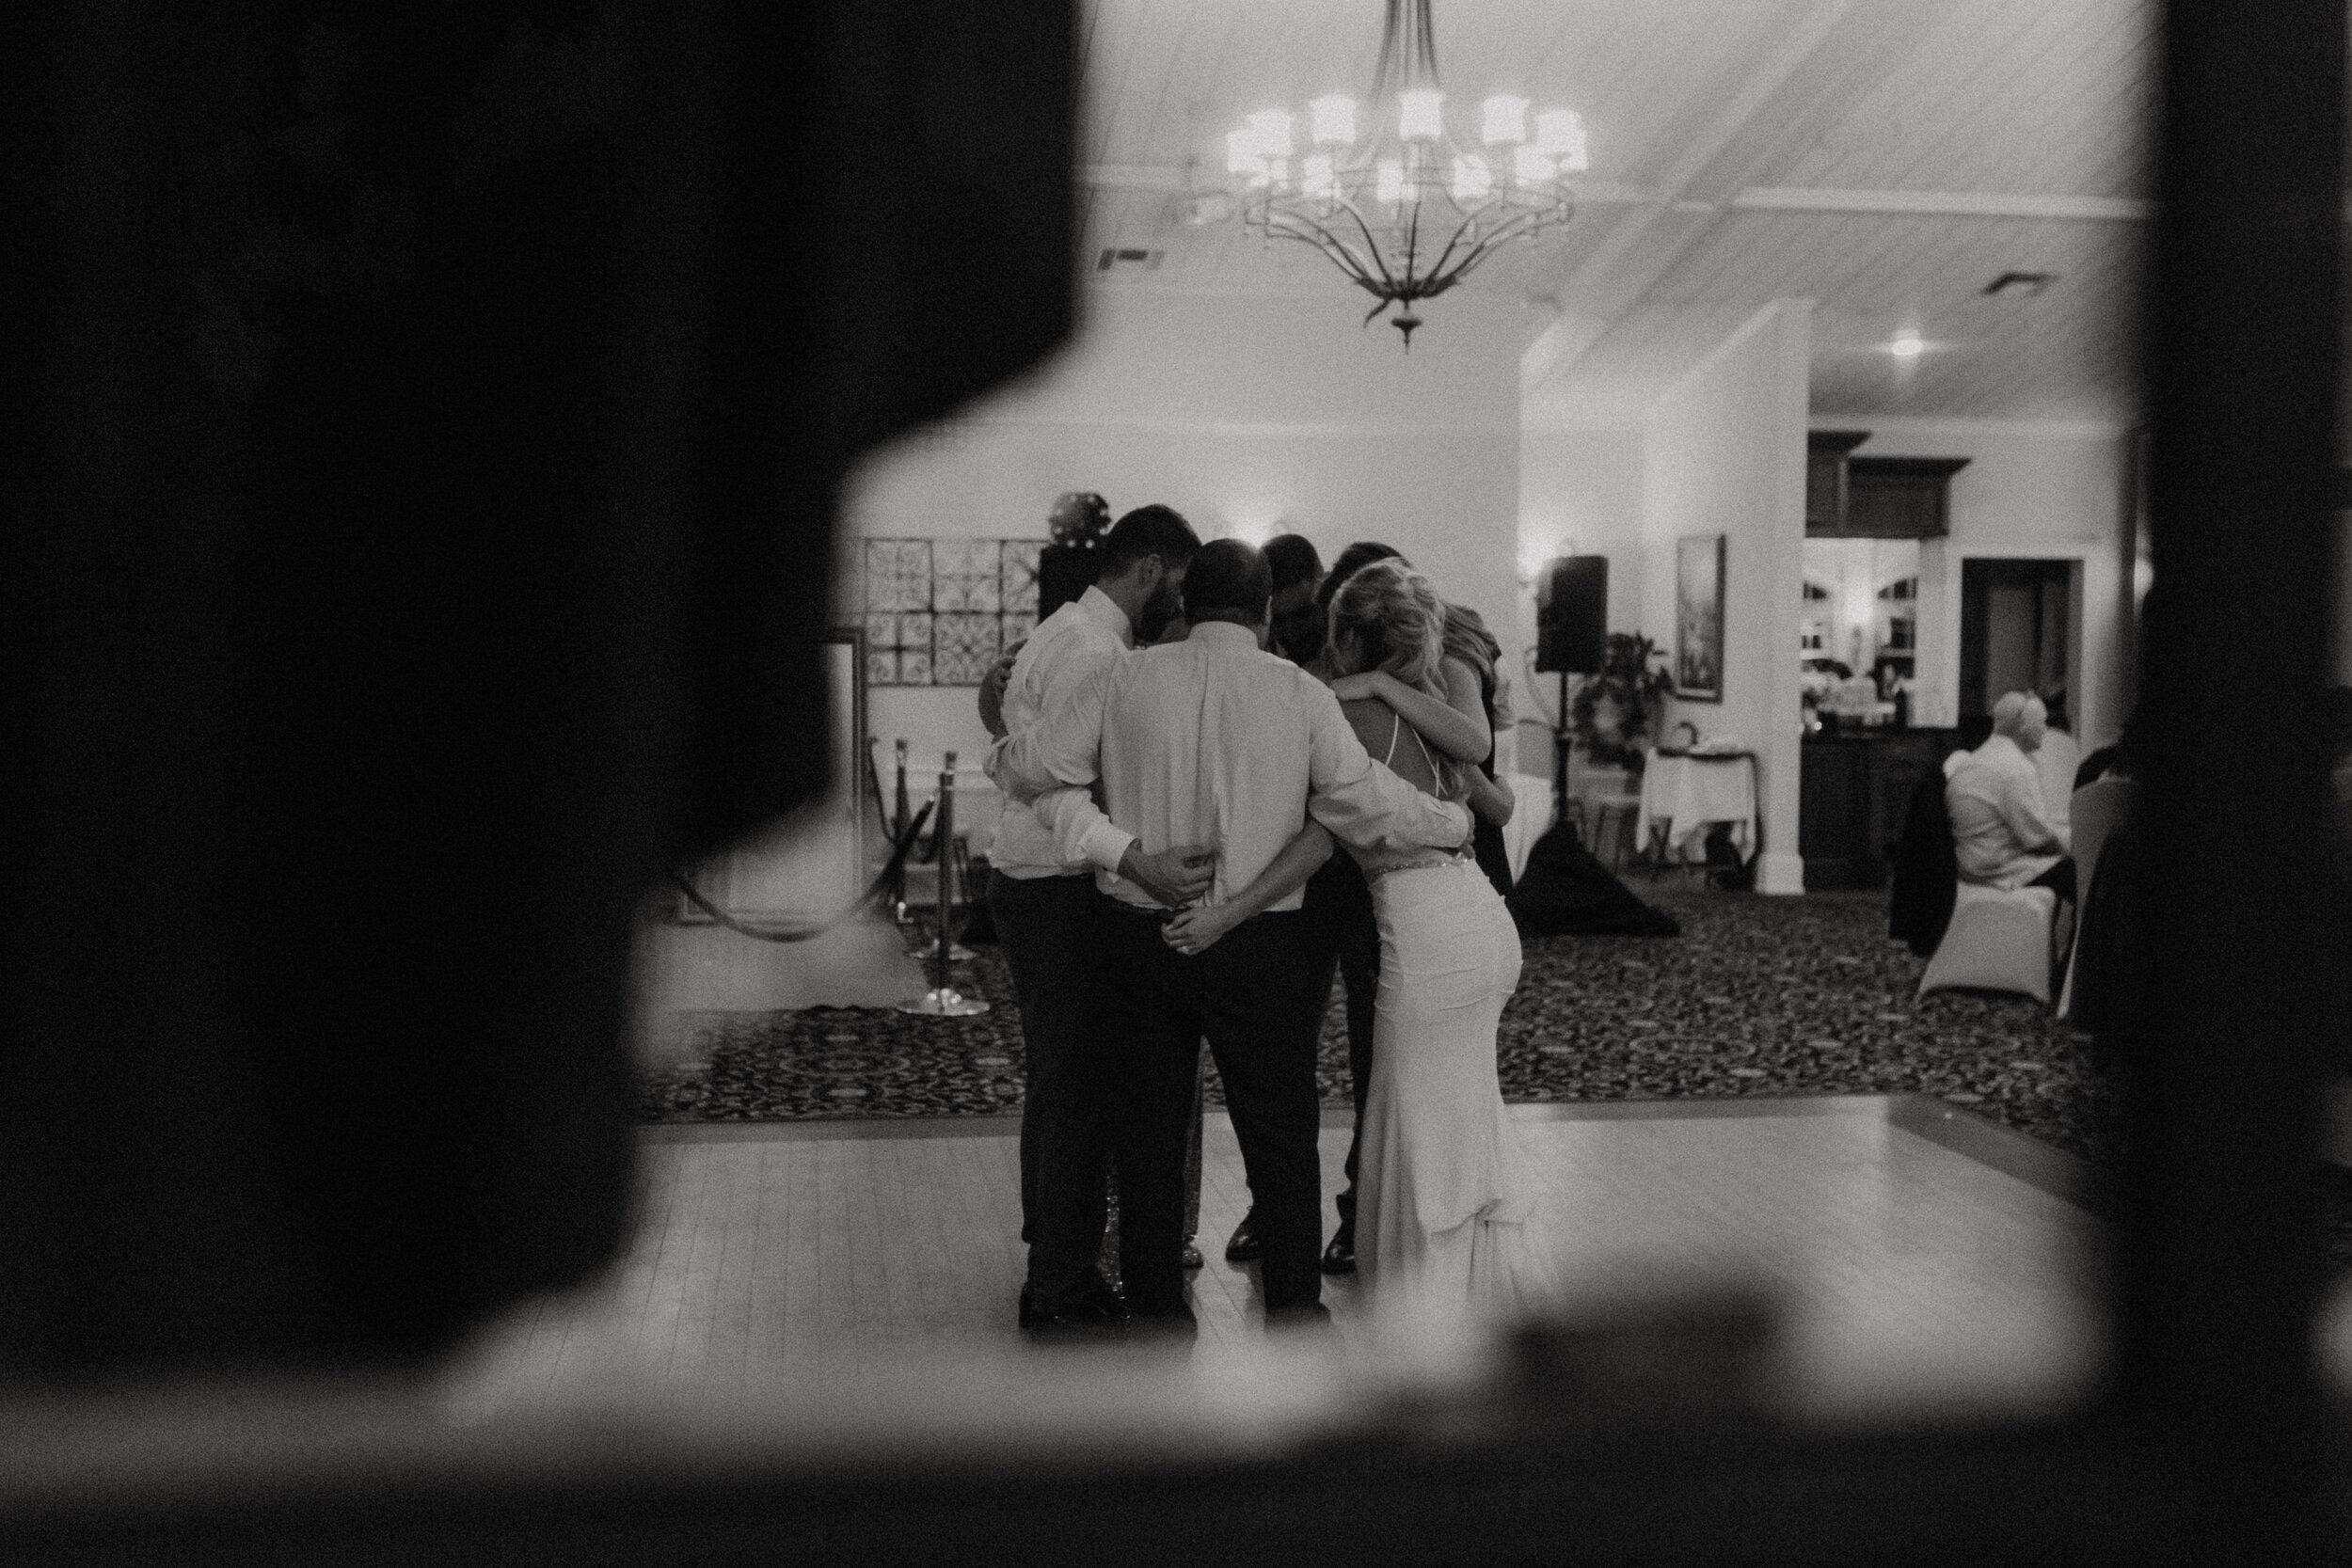 schenectady-new-york-wedding056.jpg